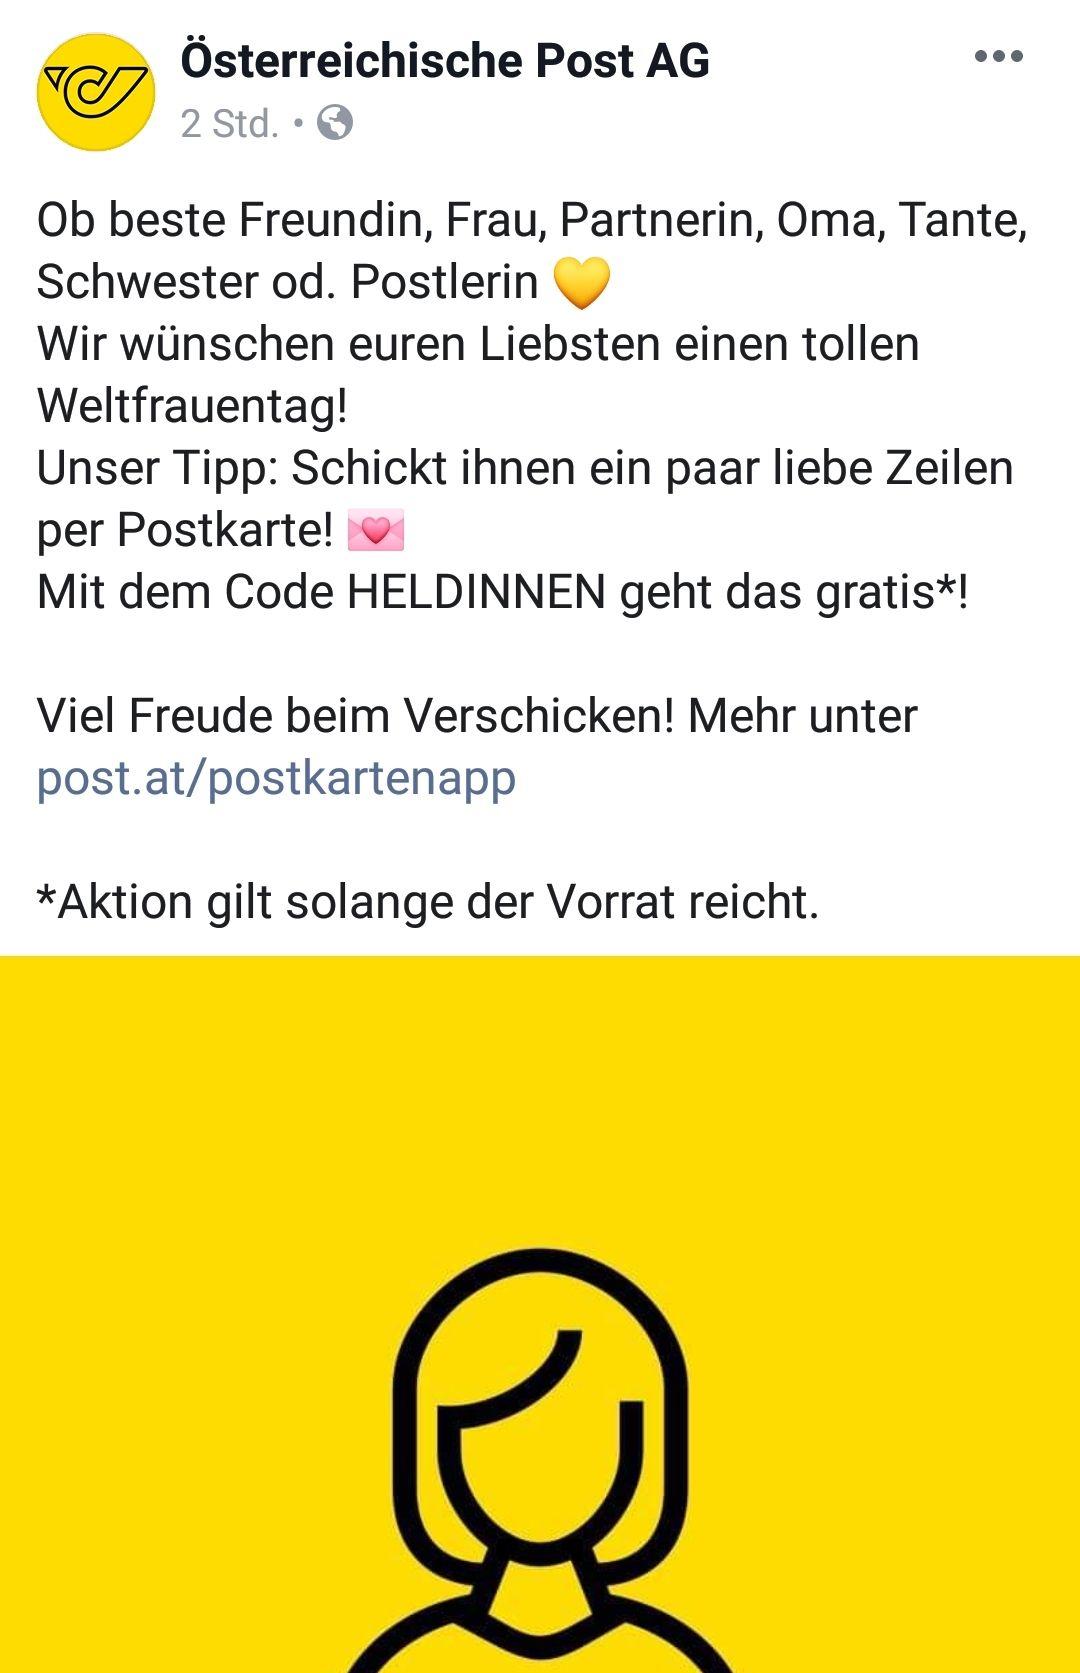 Gratis Postkarte mit der österreichischen Post